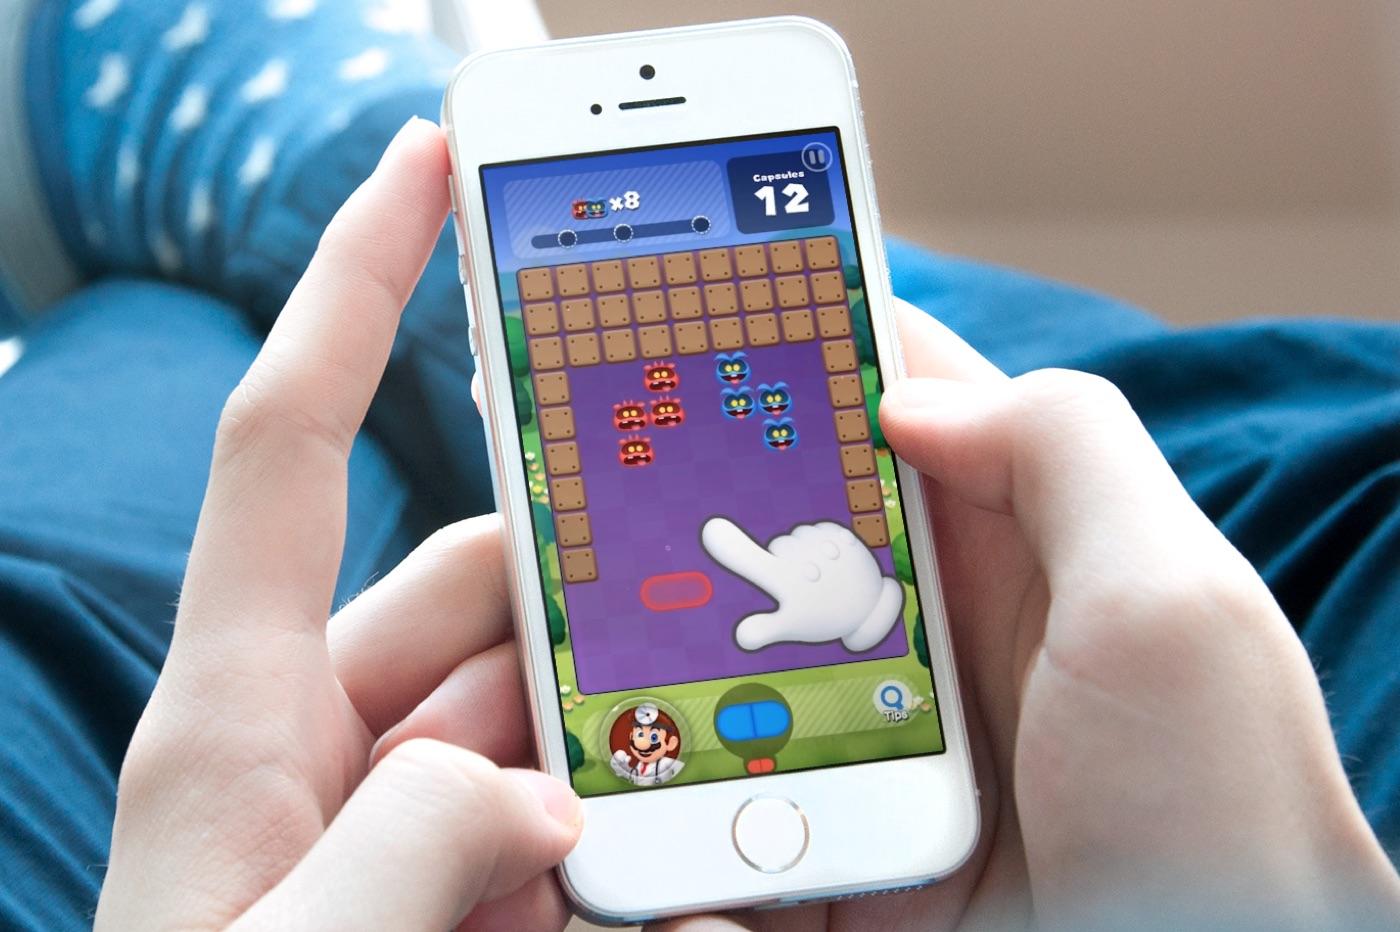 Le nouveau jeu Nintendo Dr. Mario World est disponible sur l'App Store 1